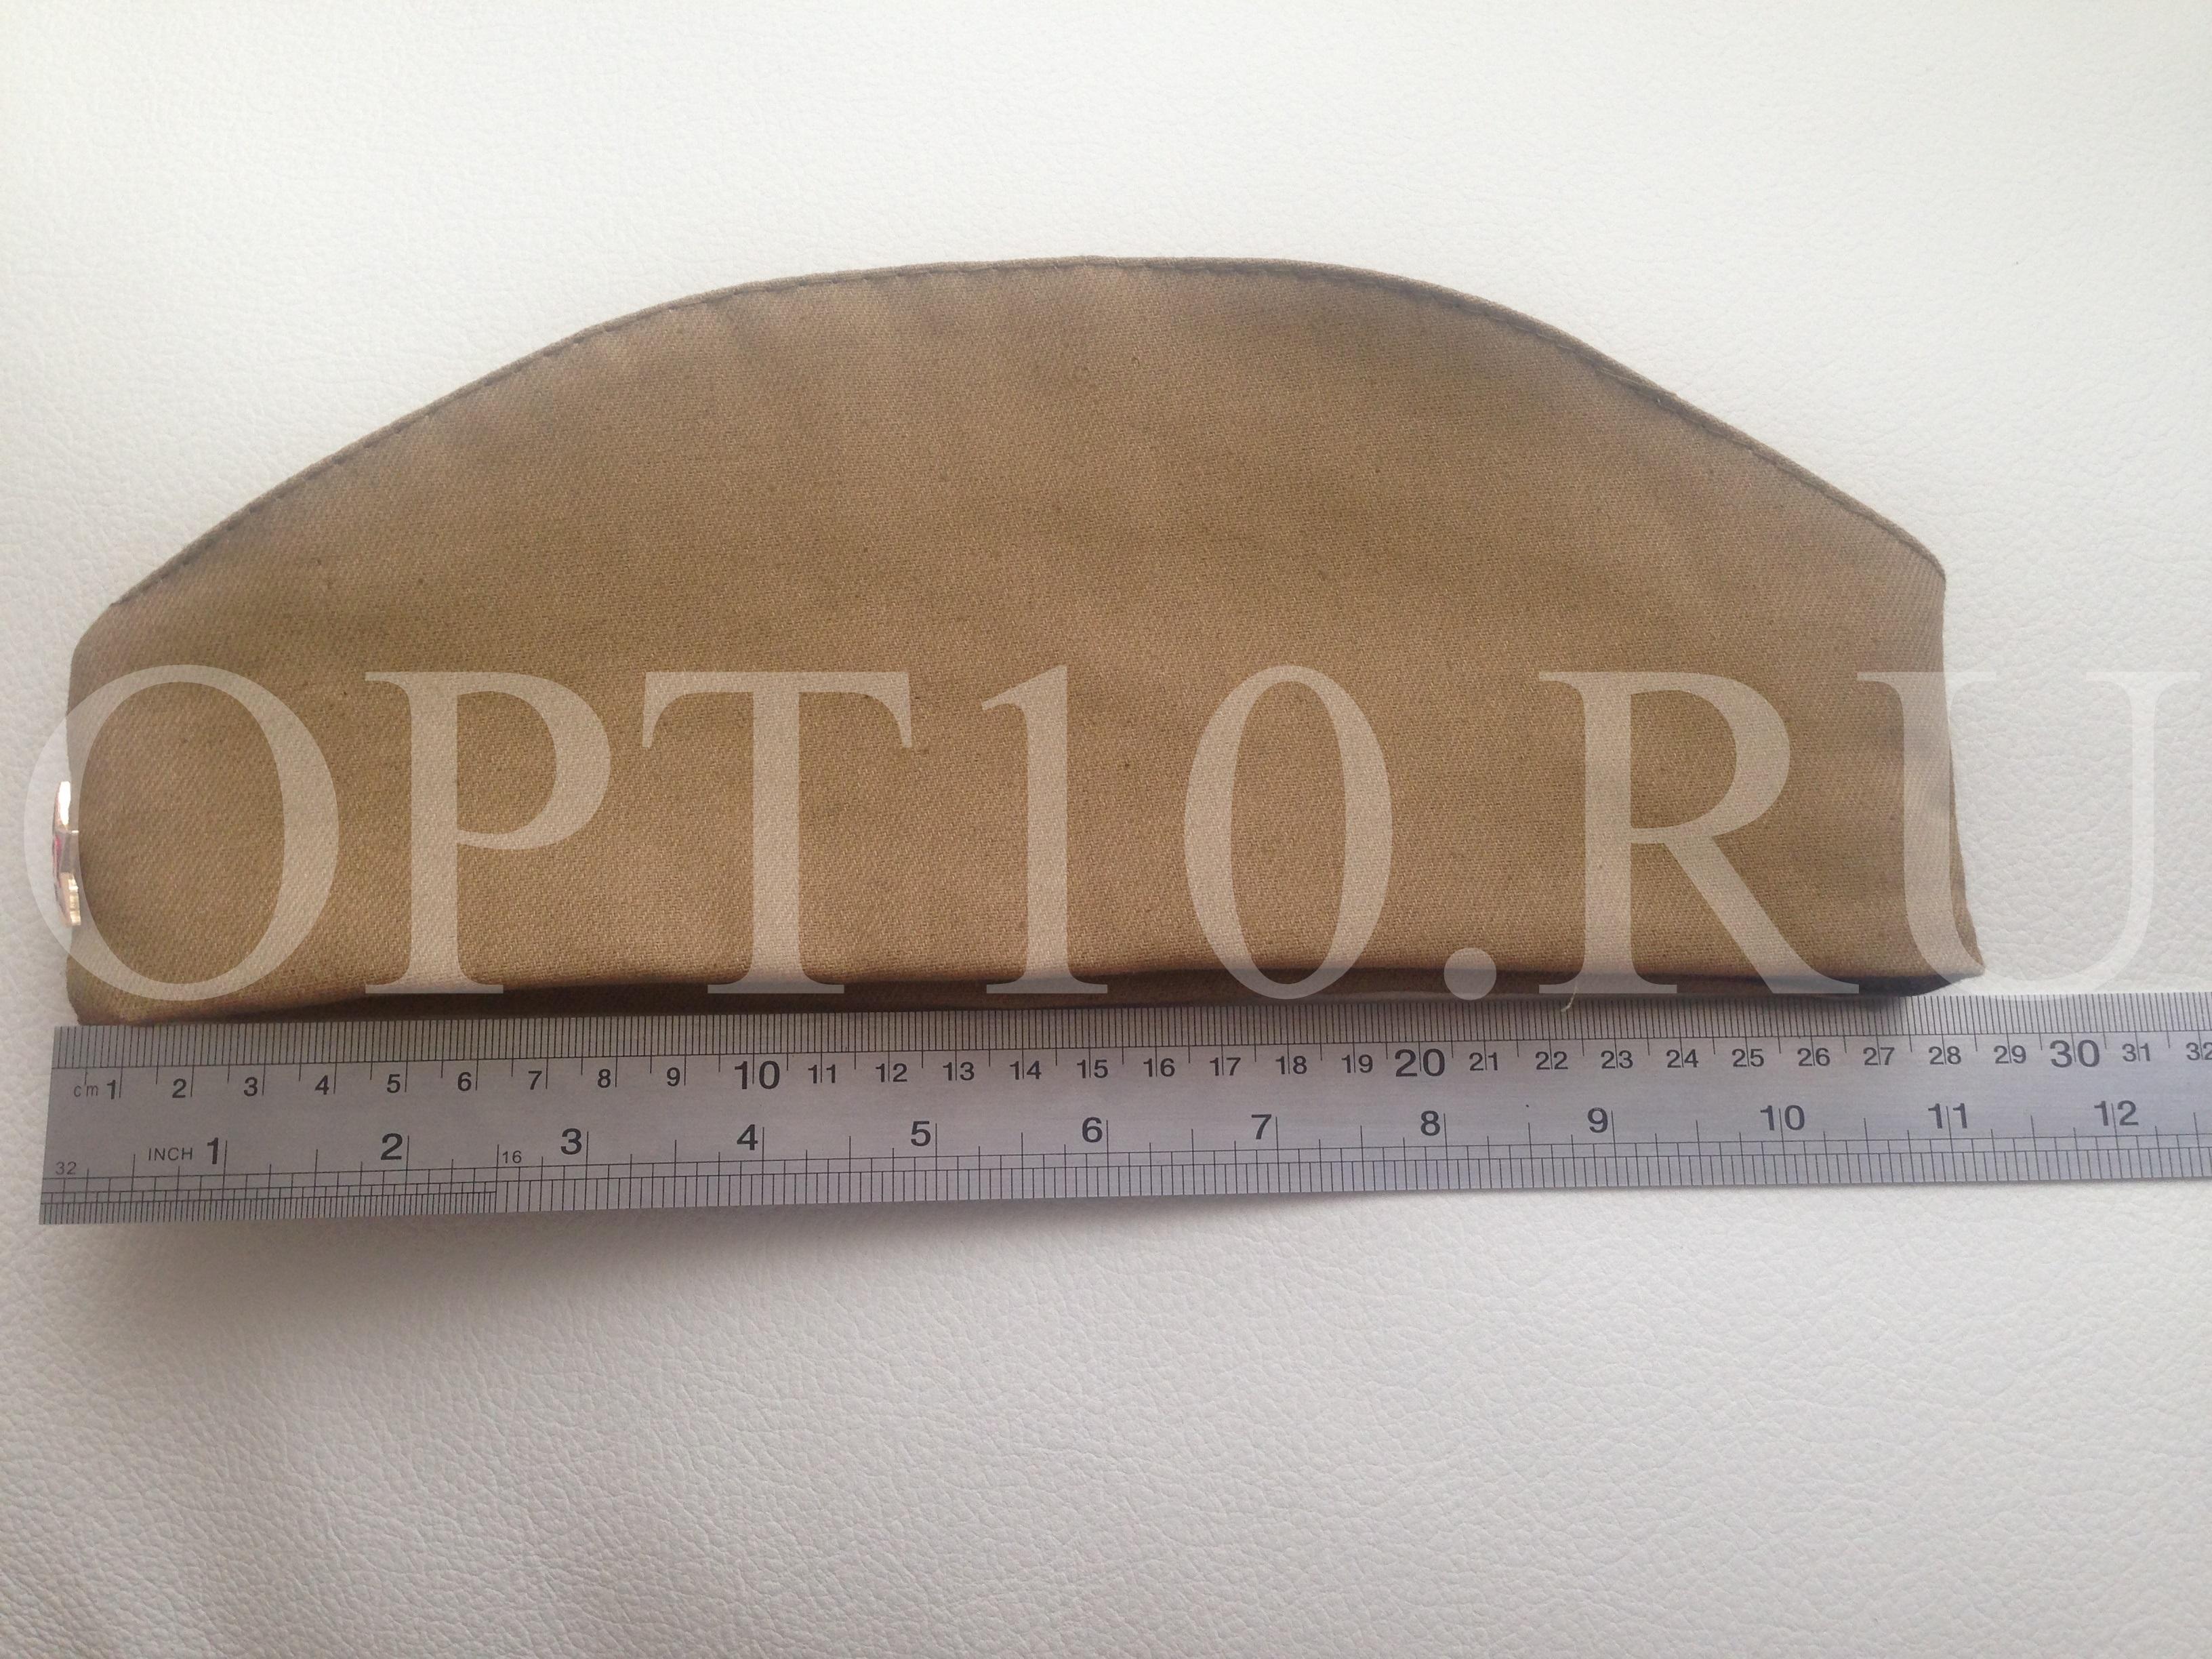 https://opt10.ru/images/upload/image-12-04-16-11-34-2.jpg